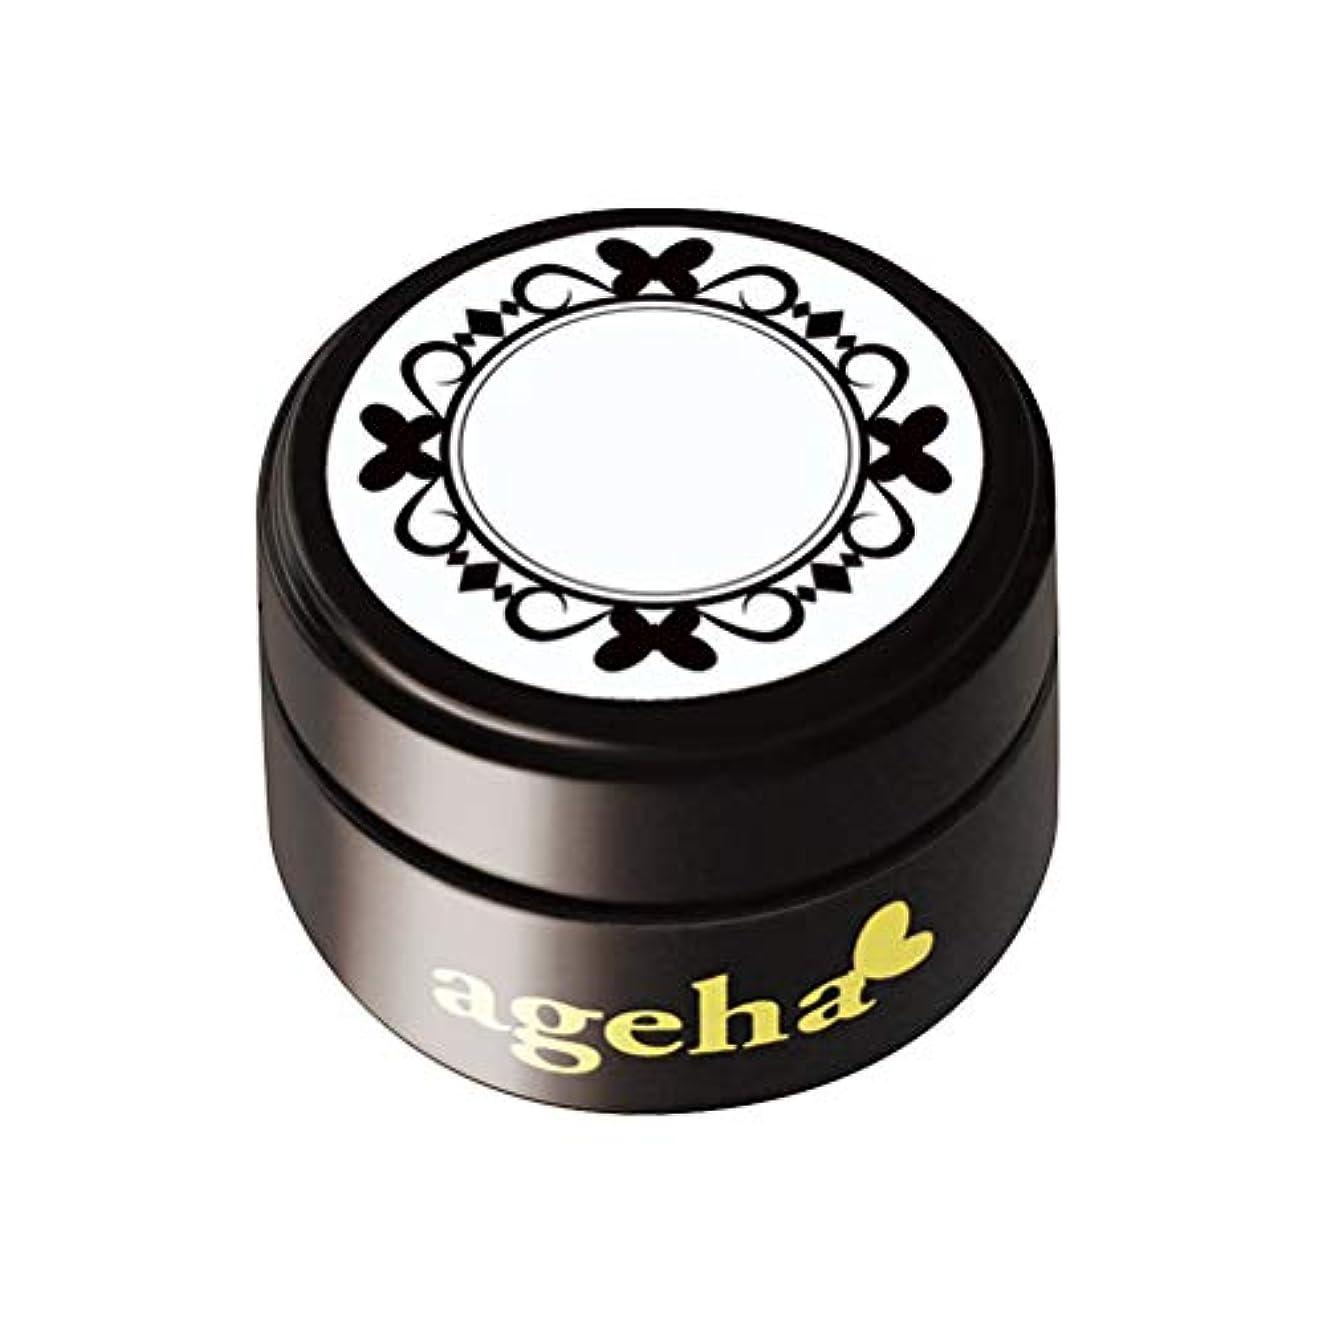 可決福祉抵抗ageha コスメカラー 235 レトロブルー 2.7g UV/LED対応